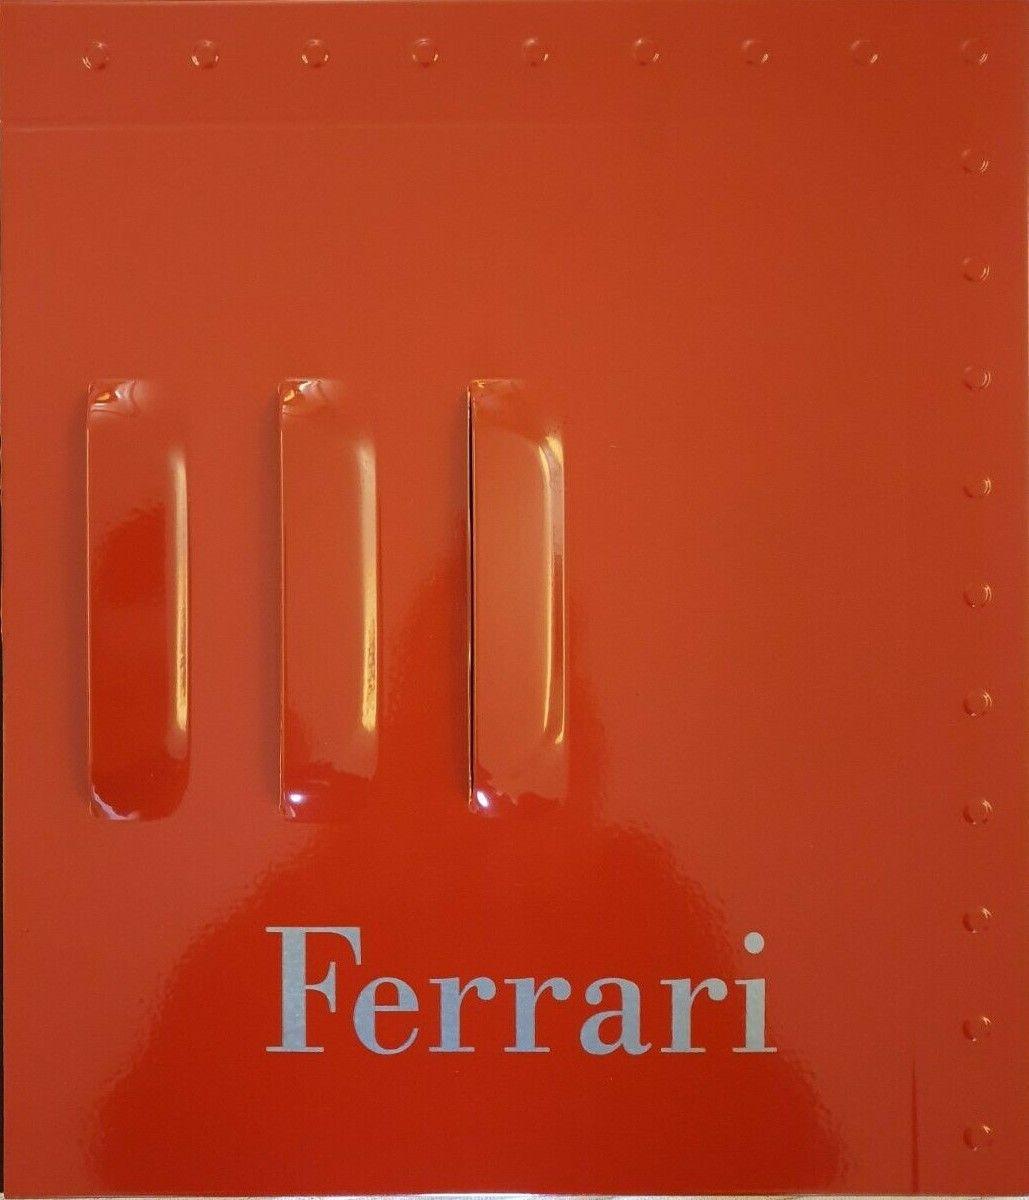 Non è la fiancata di una Ferrari, è un libro! Con copertina di metallo e costa 150 €